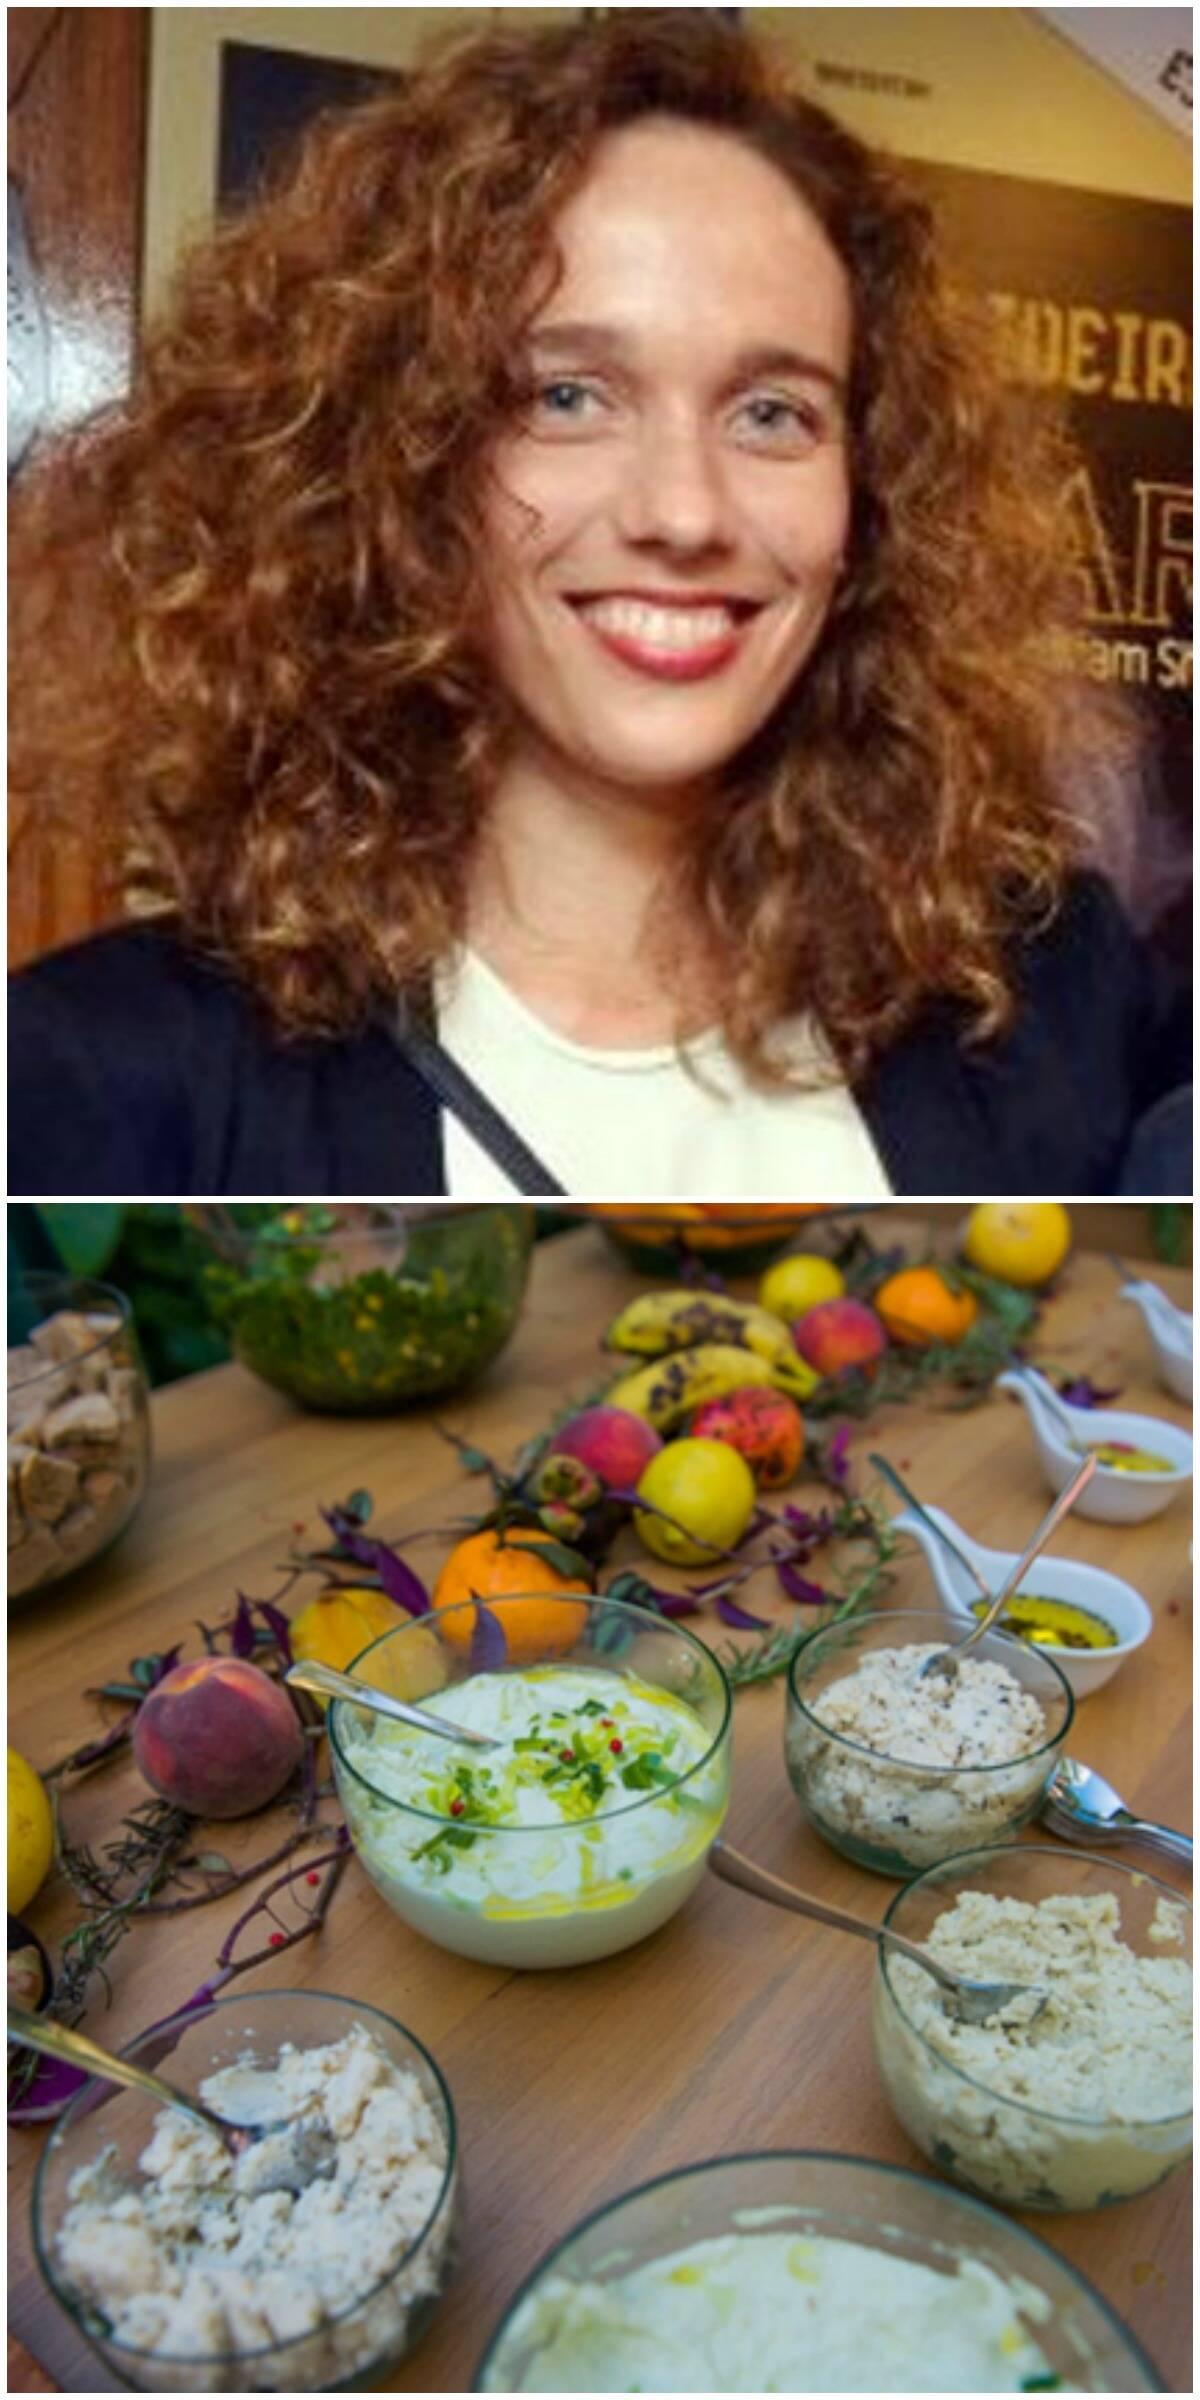 Mana Bernardes, no alto, e alguns dos pratos que estão no menu do coquetel do lançamento de sua nova linha de objetos e móveis / Fotos: Cristina Granato e divulgação